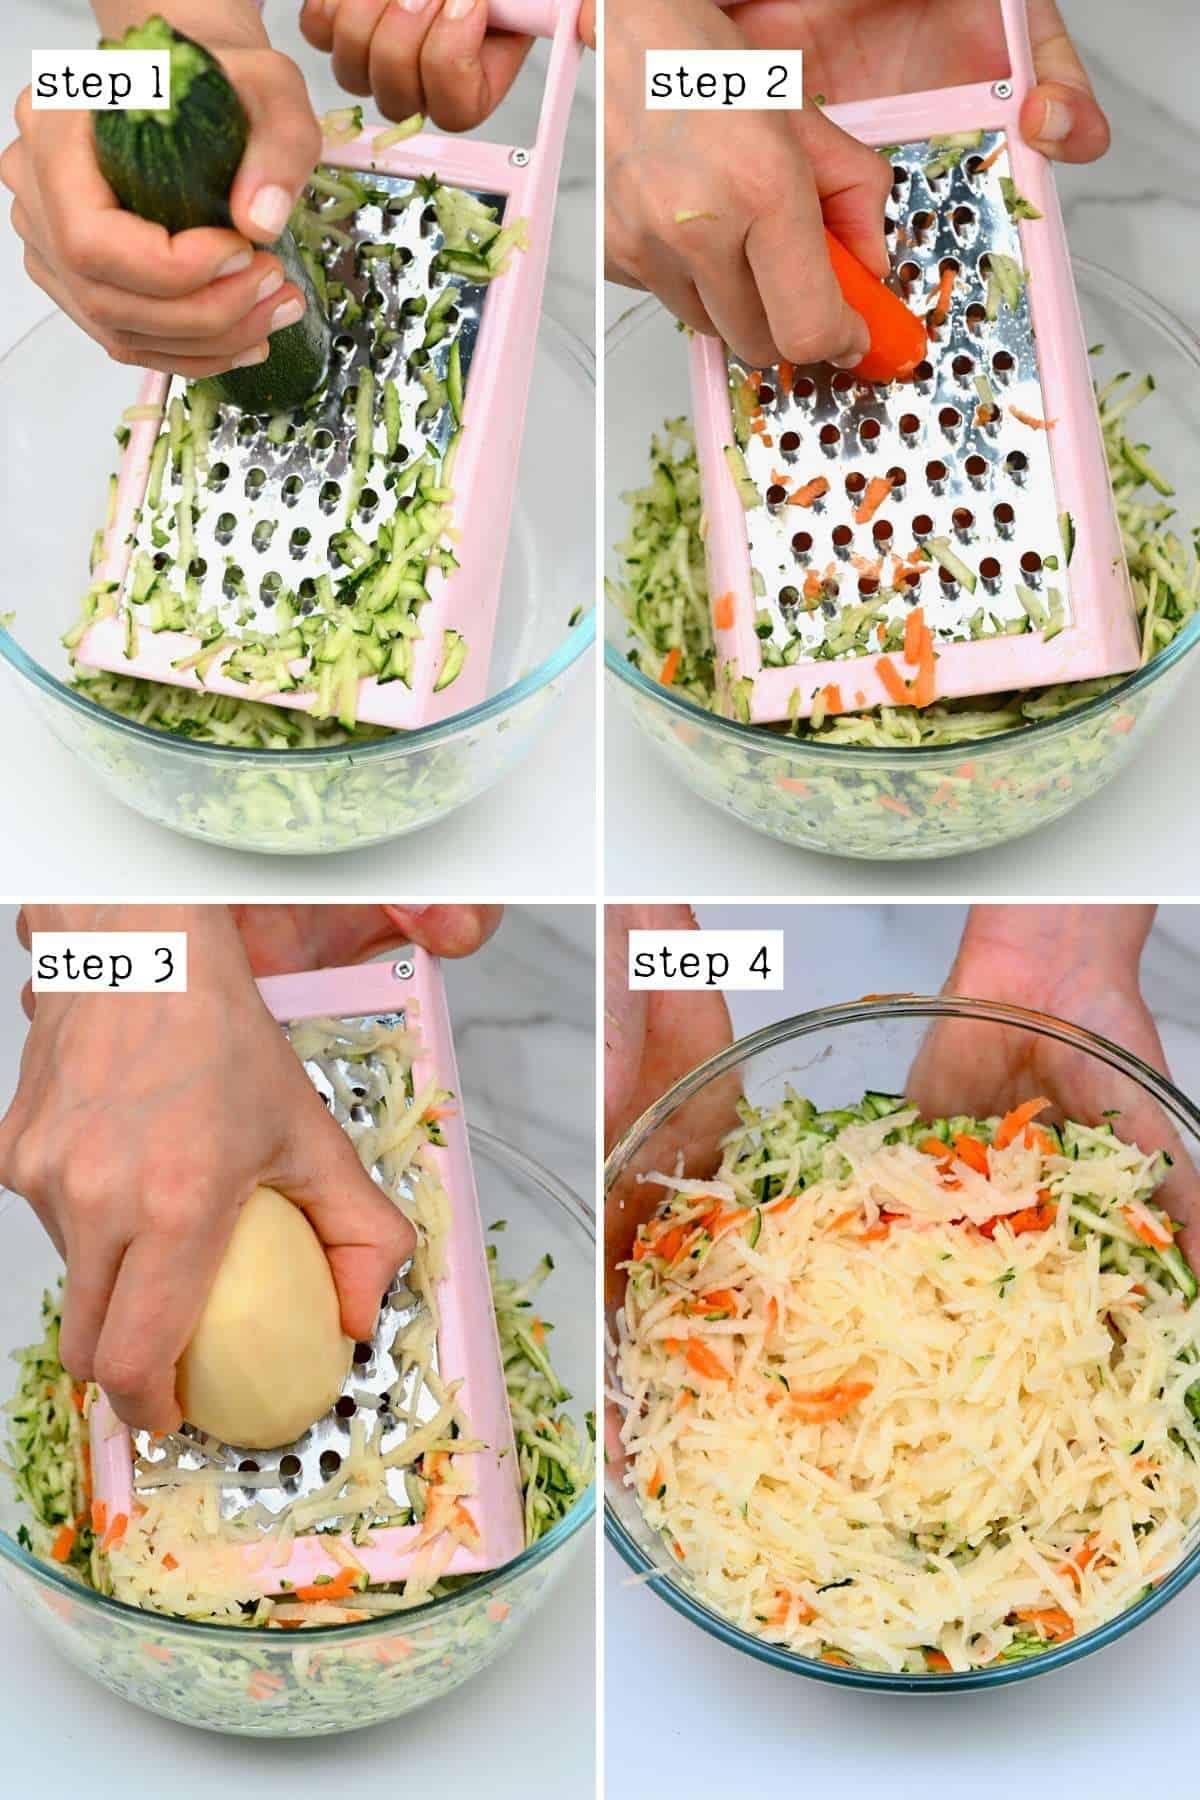 Steps for grating veggies